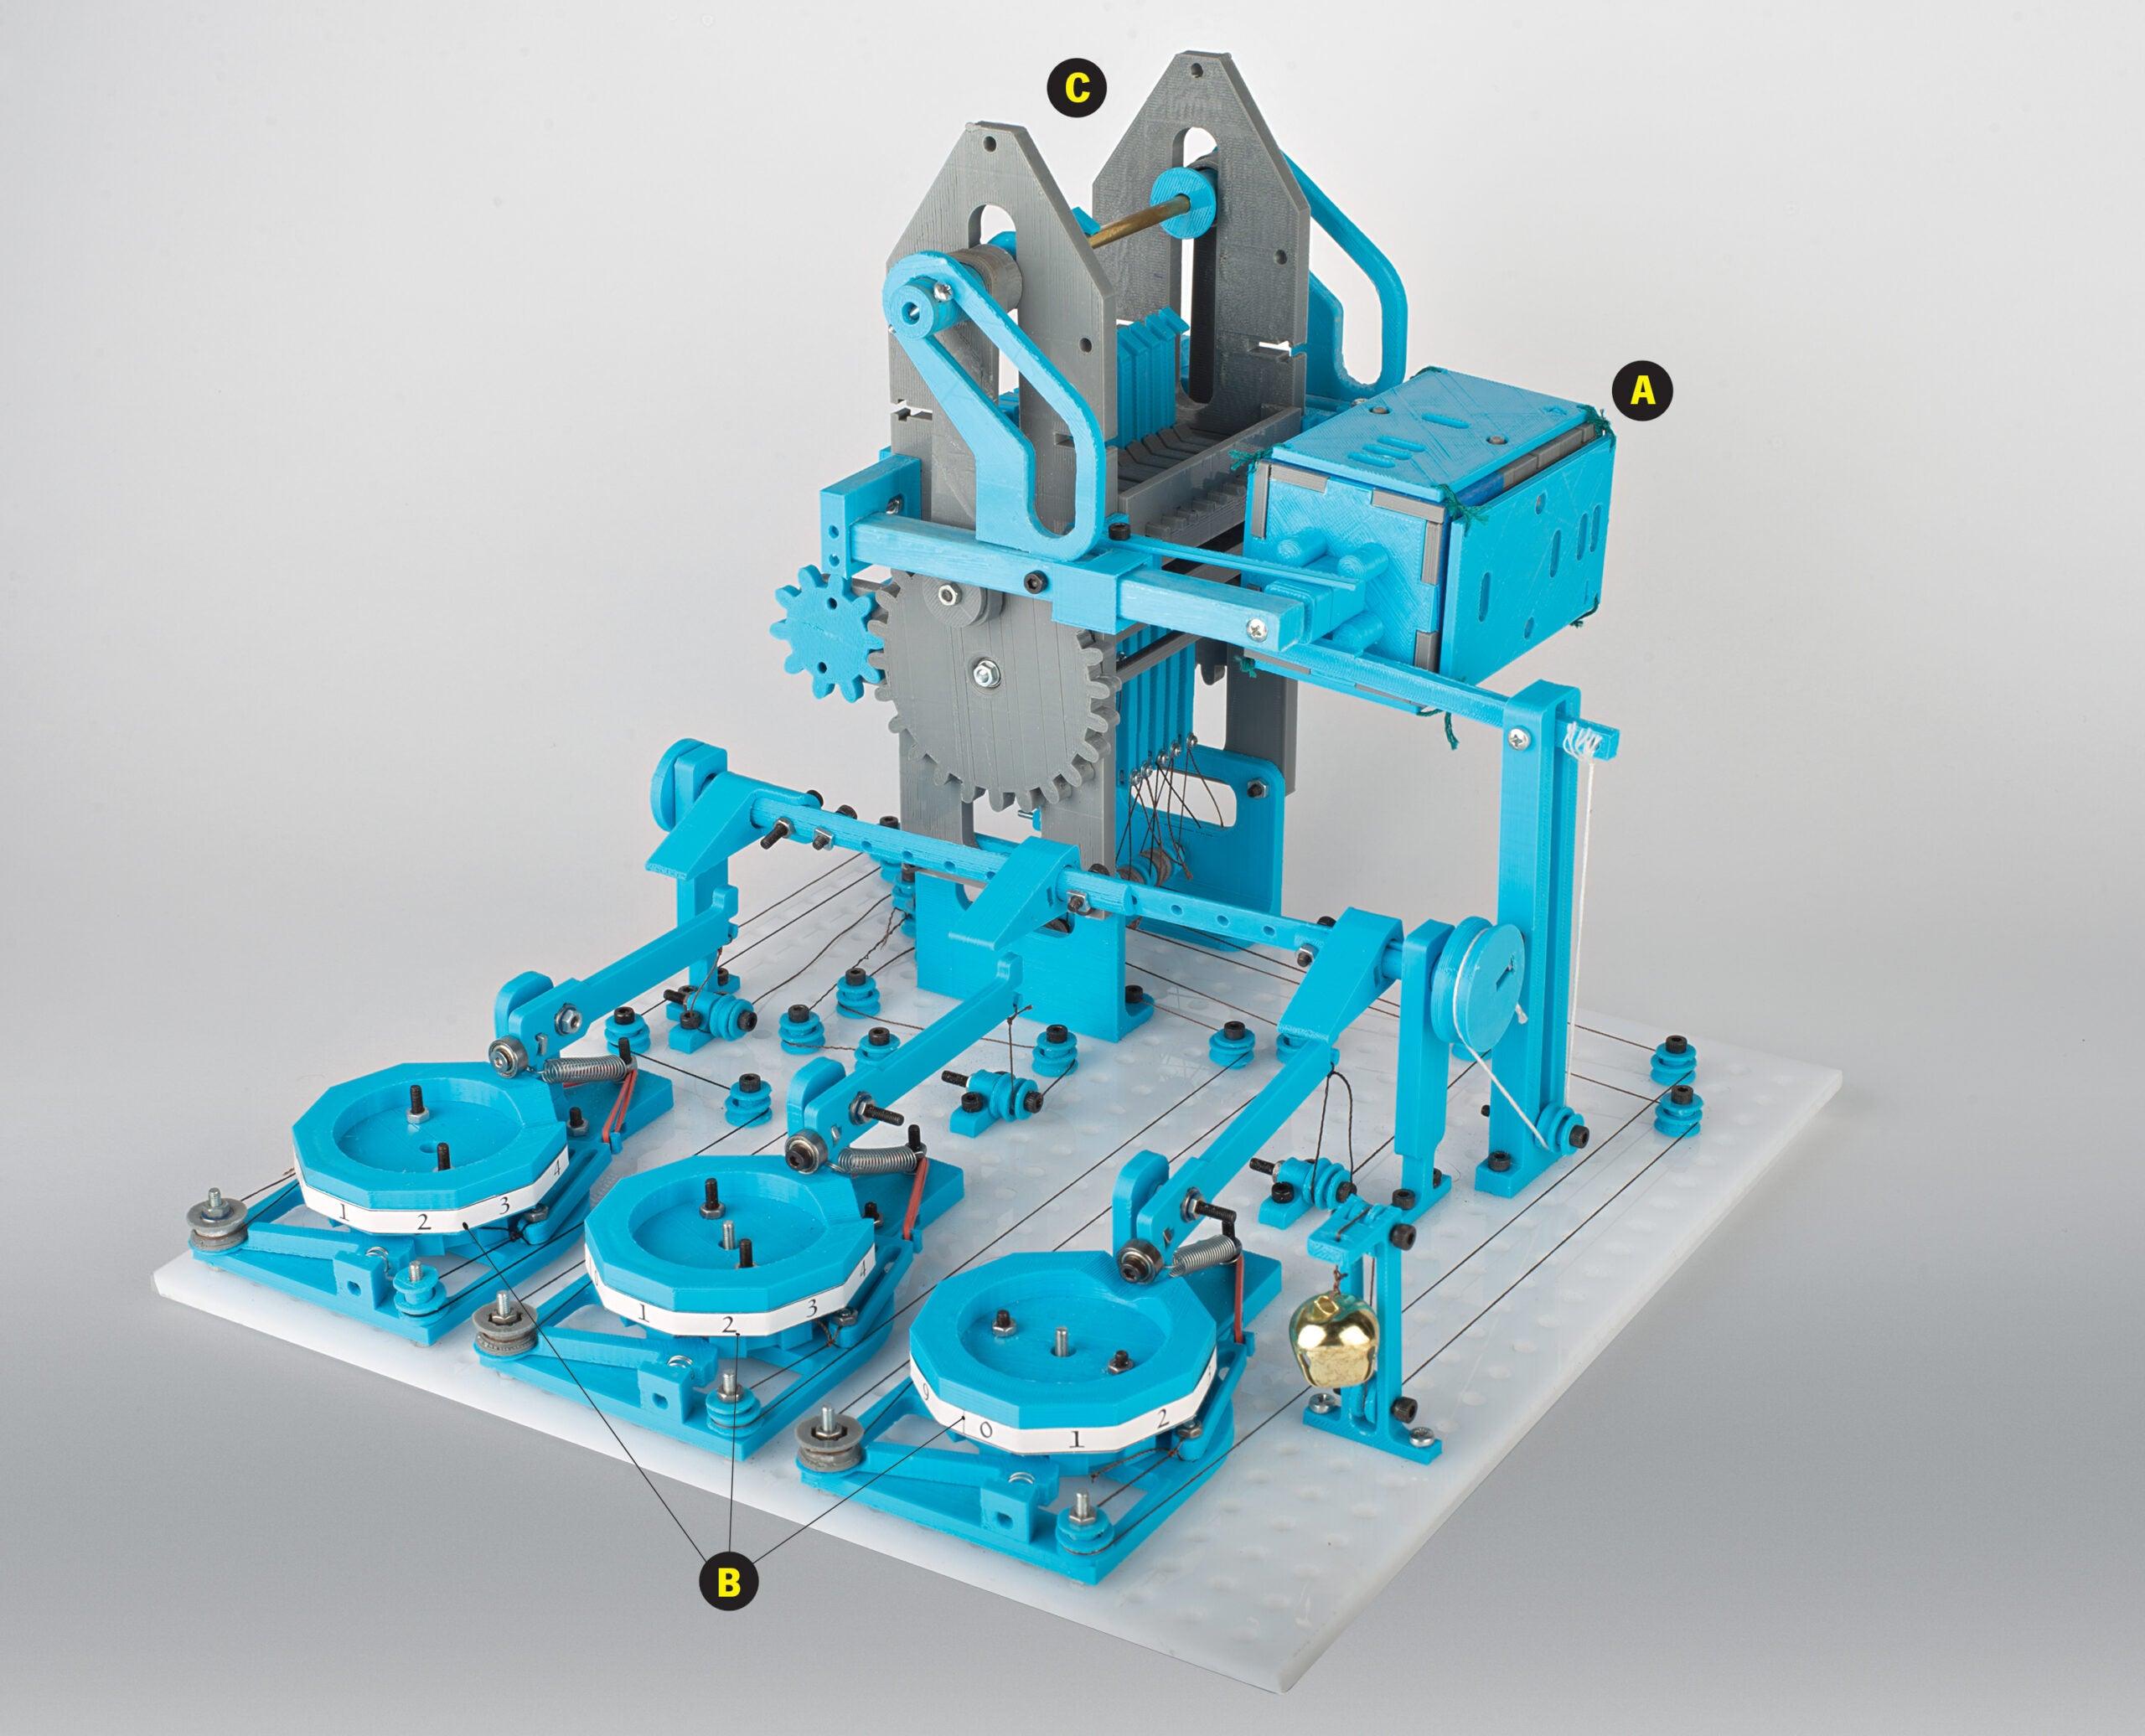 A 3-D Printed, Hand-Cranked Computer